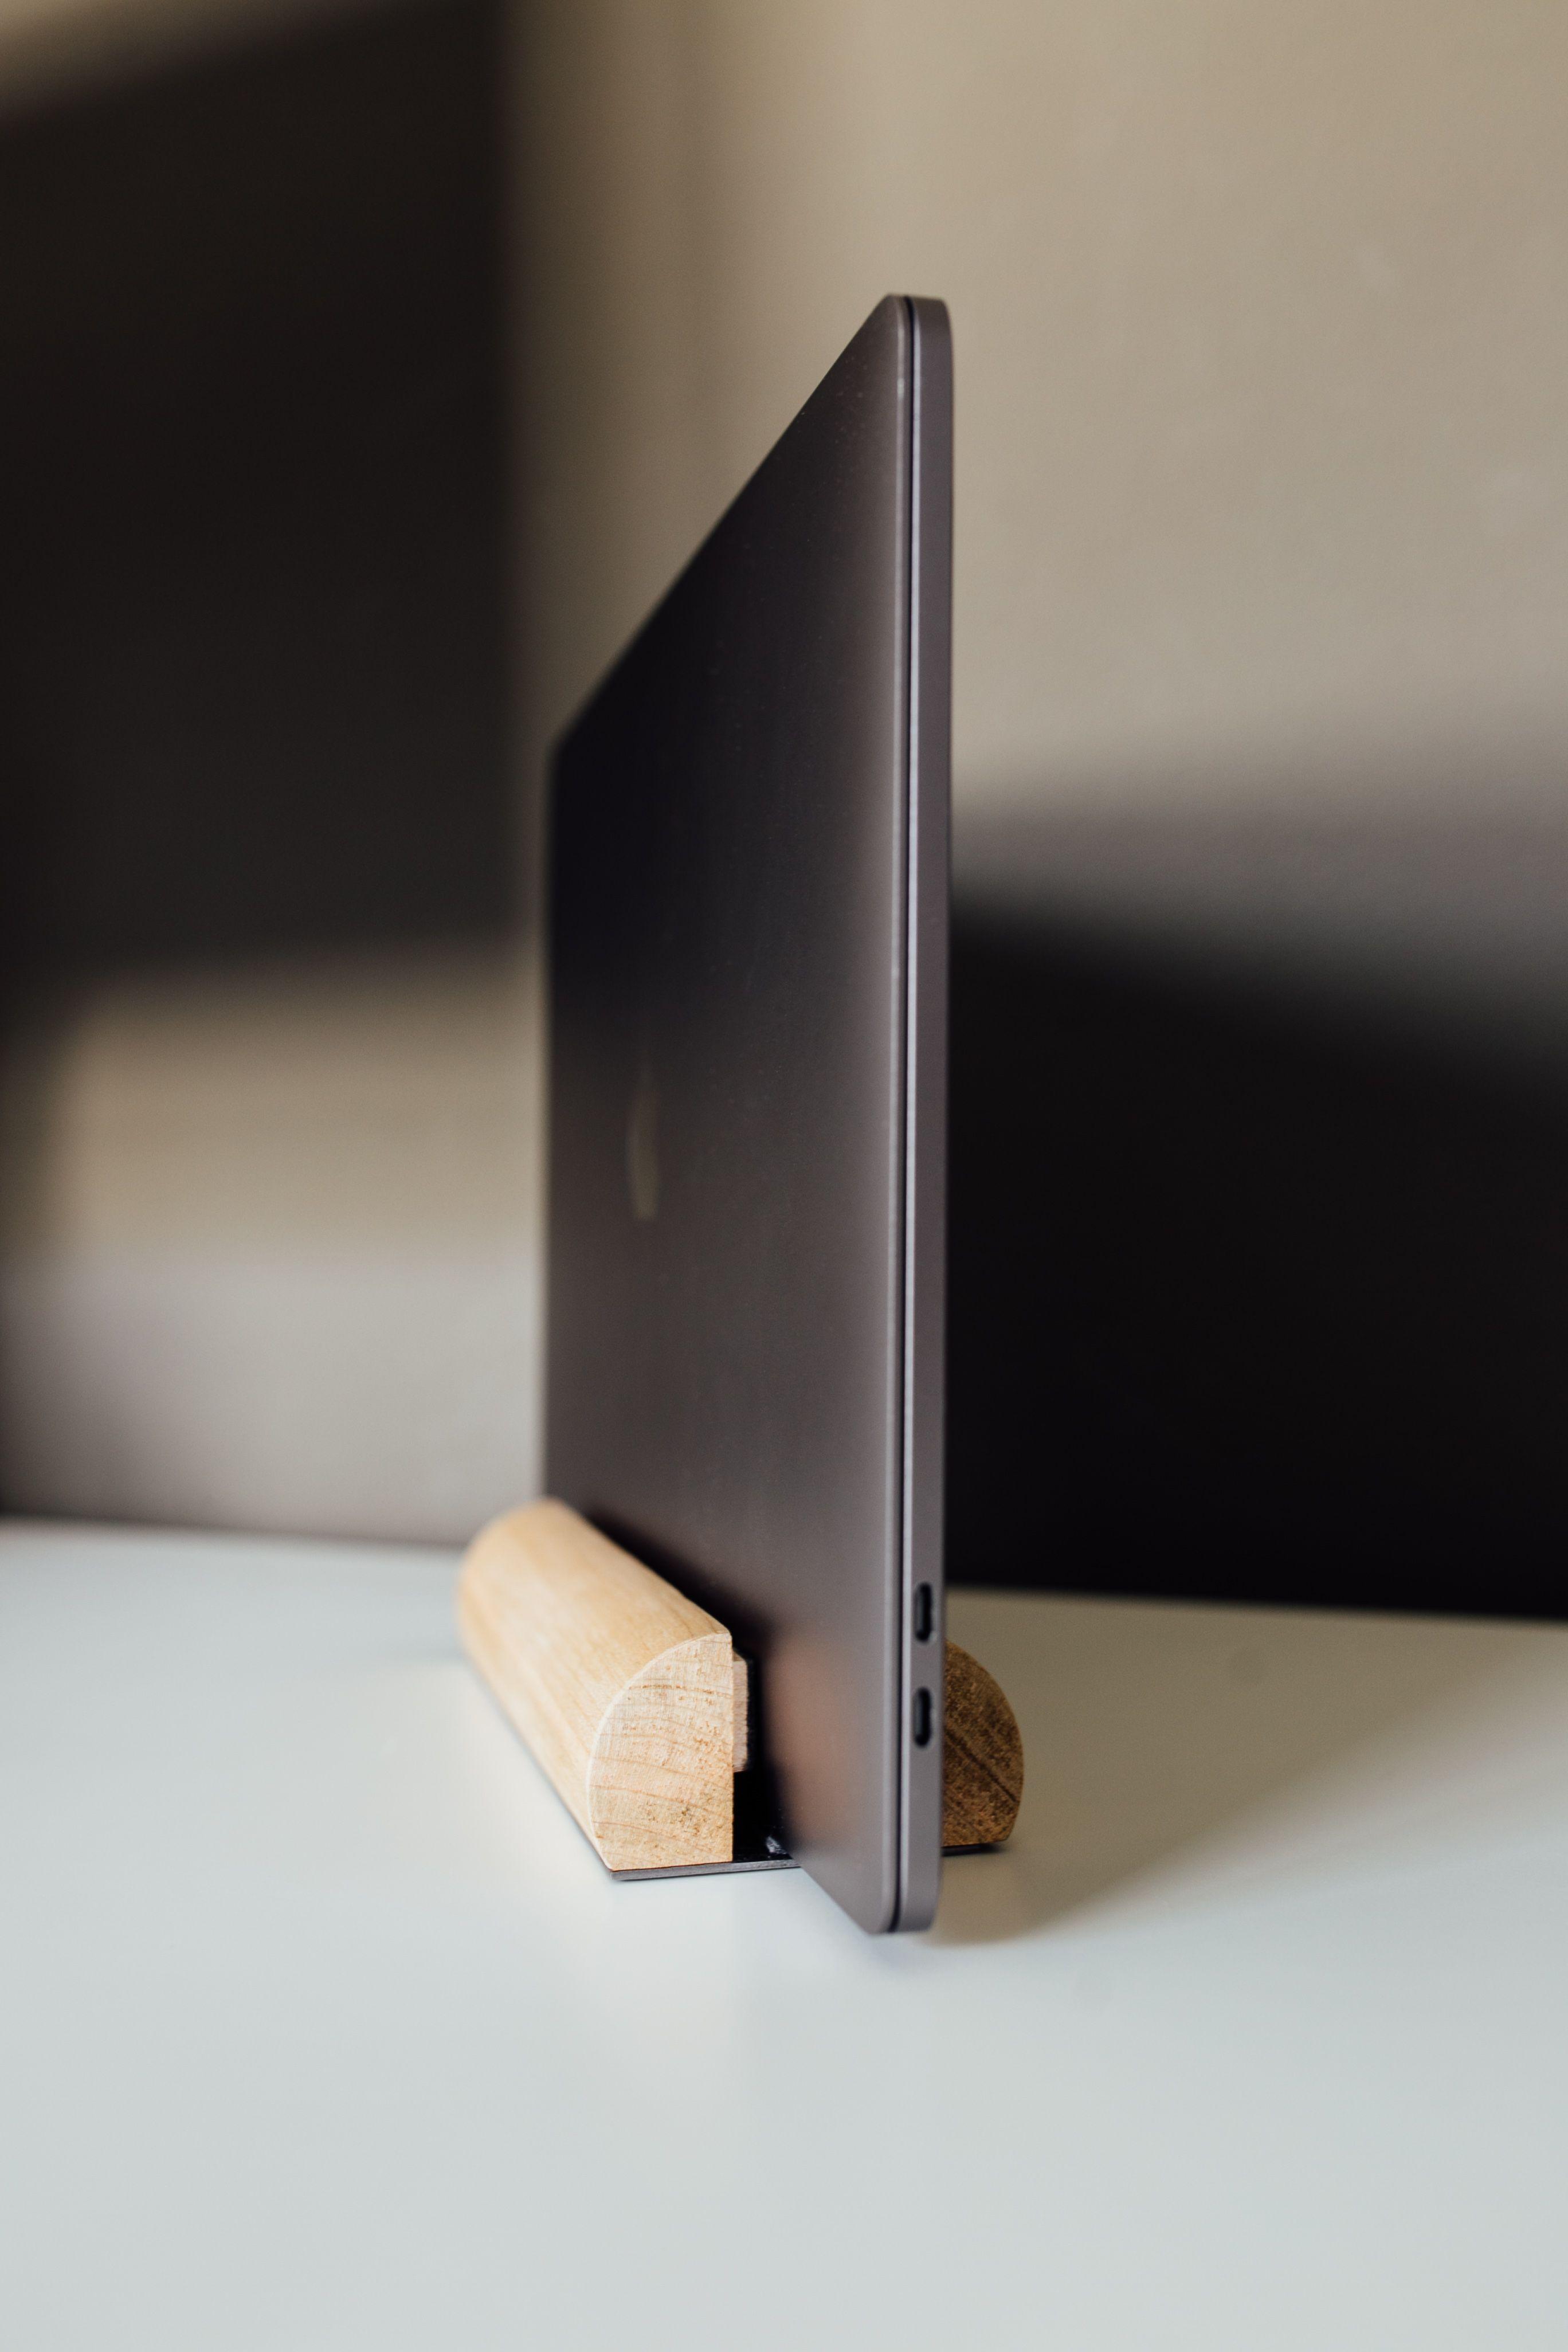 DIY Laptop Dock